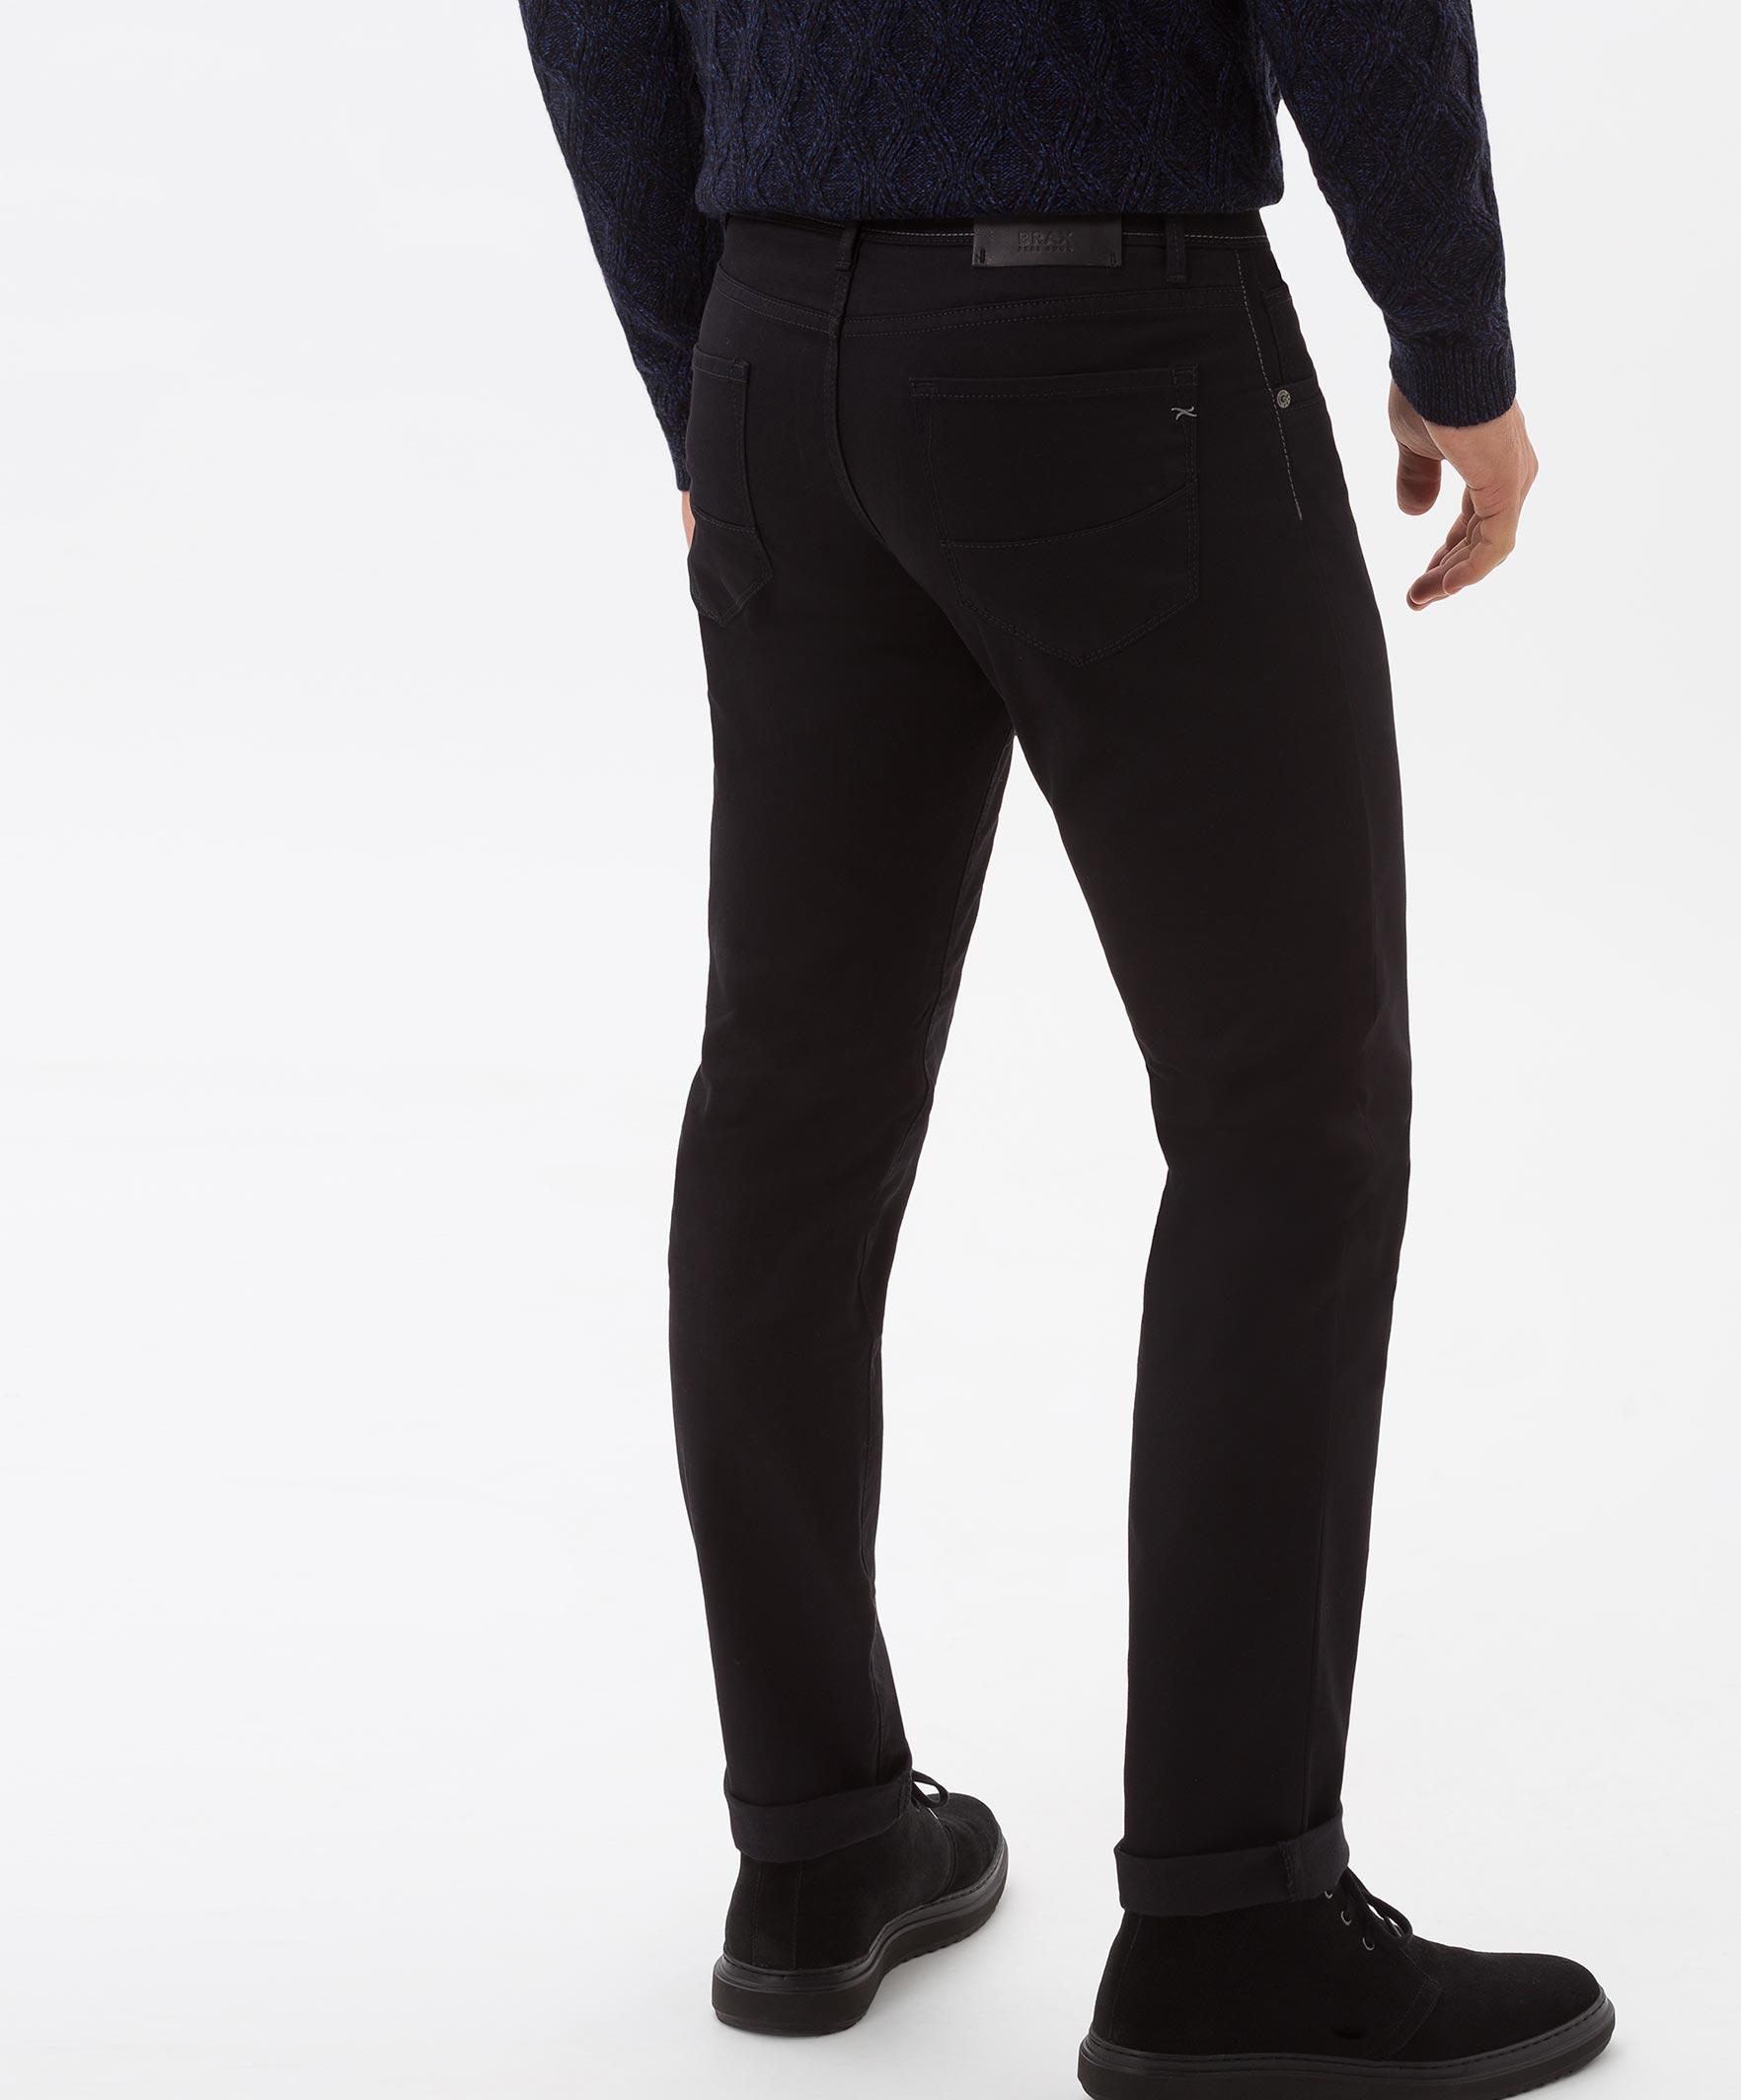 where can i buy exclusive deals super cheap Brax Cadiz Quantum Pima Pants Perma Black